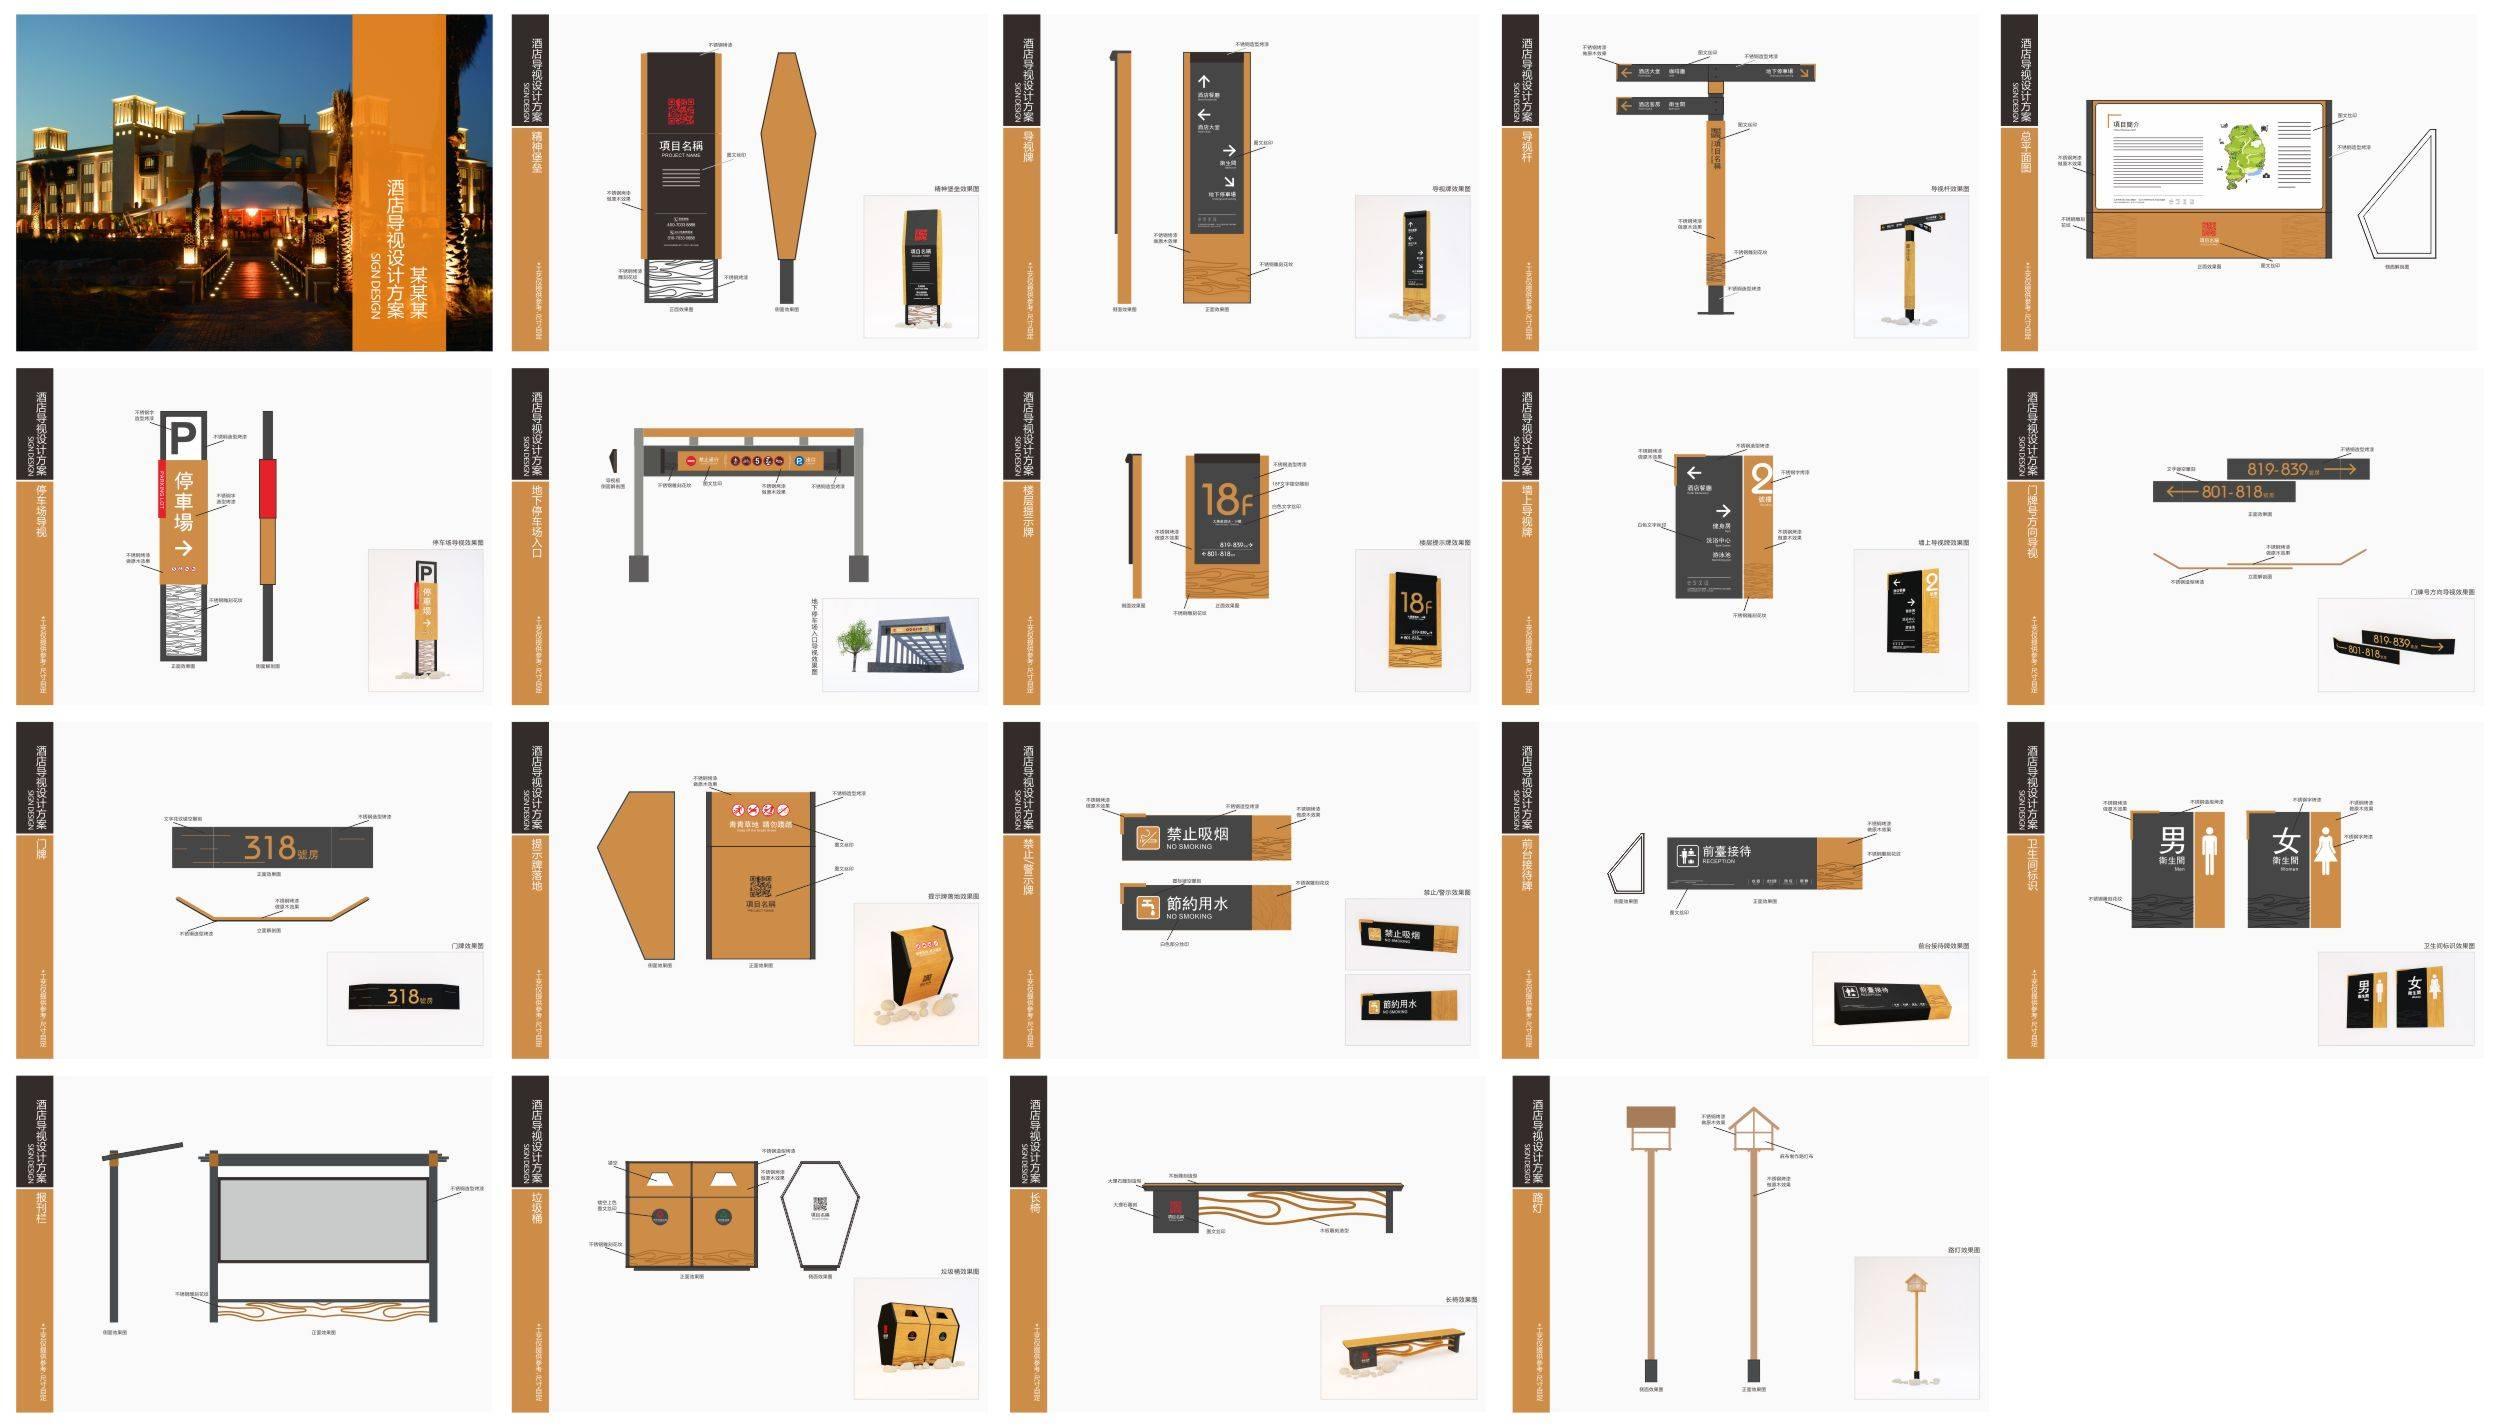 精品酒店木纹复古风经典热门标识牌素材